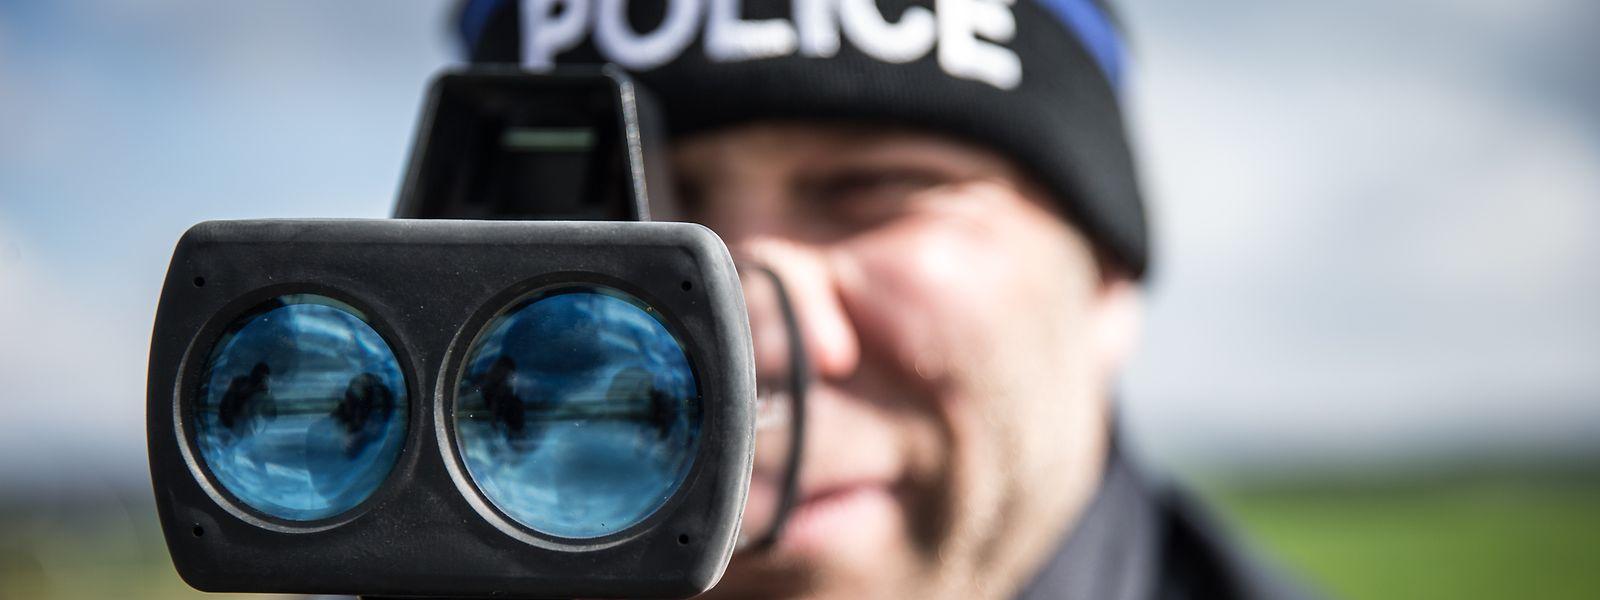 Die Zentraldatei der Polizei soll endlich eine solide juristische Grundlage bekommen.